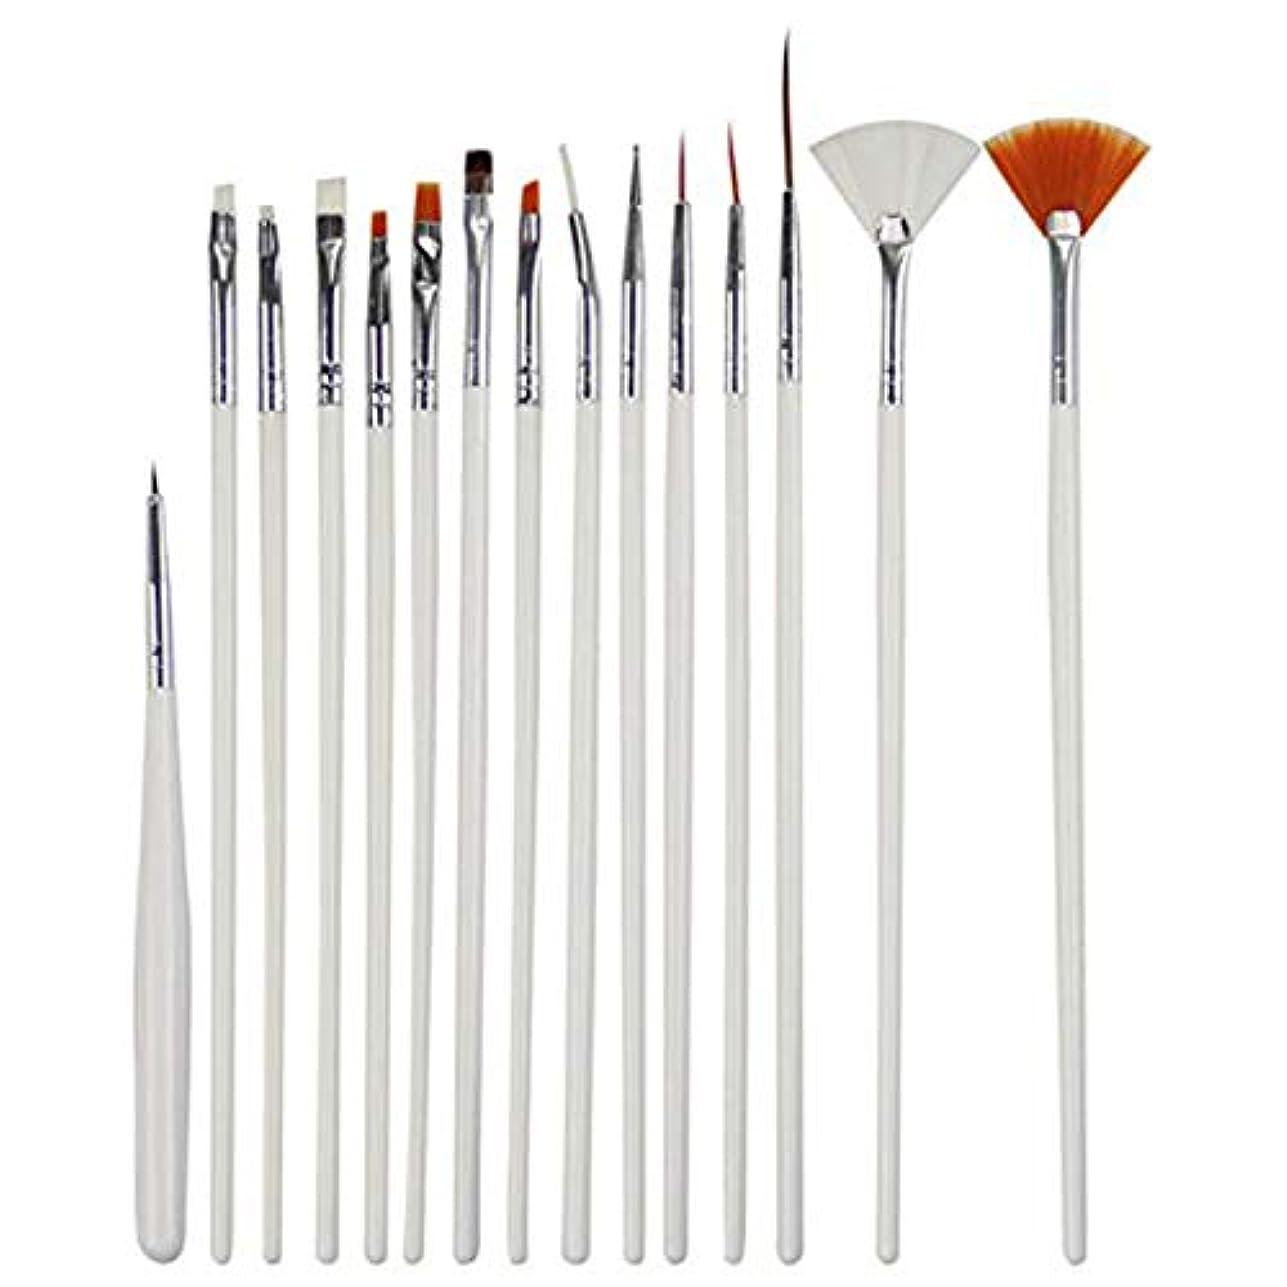 ジャグリング割る版ネイル 筆 ブラシ 15本セット ジェルネイル スカルプ ジェルブラシ デコ (ホワイト)